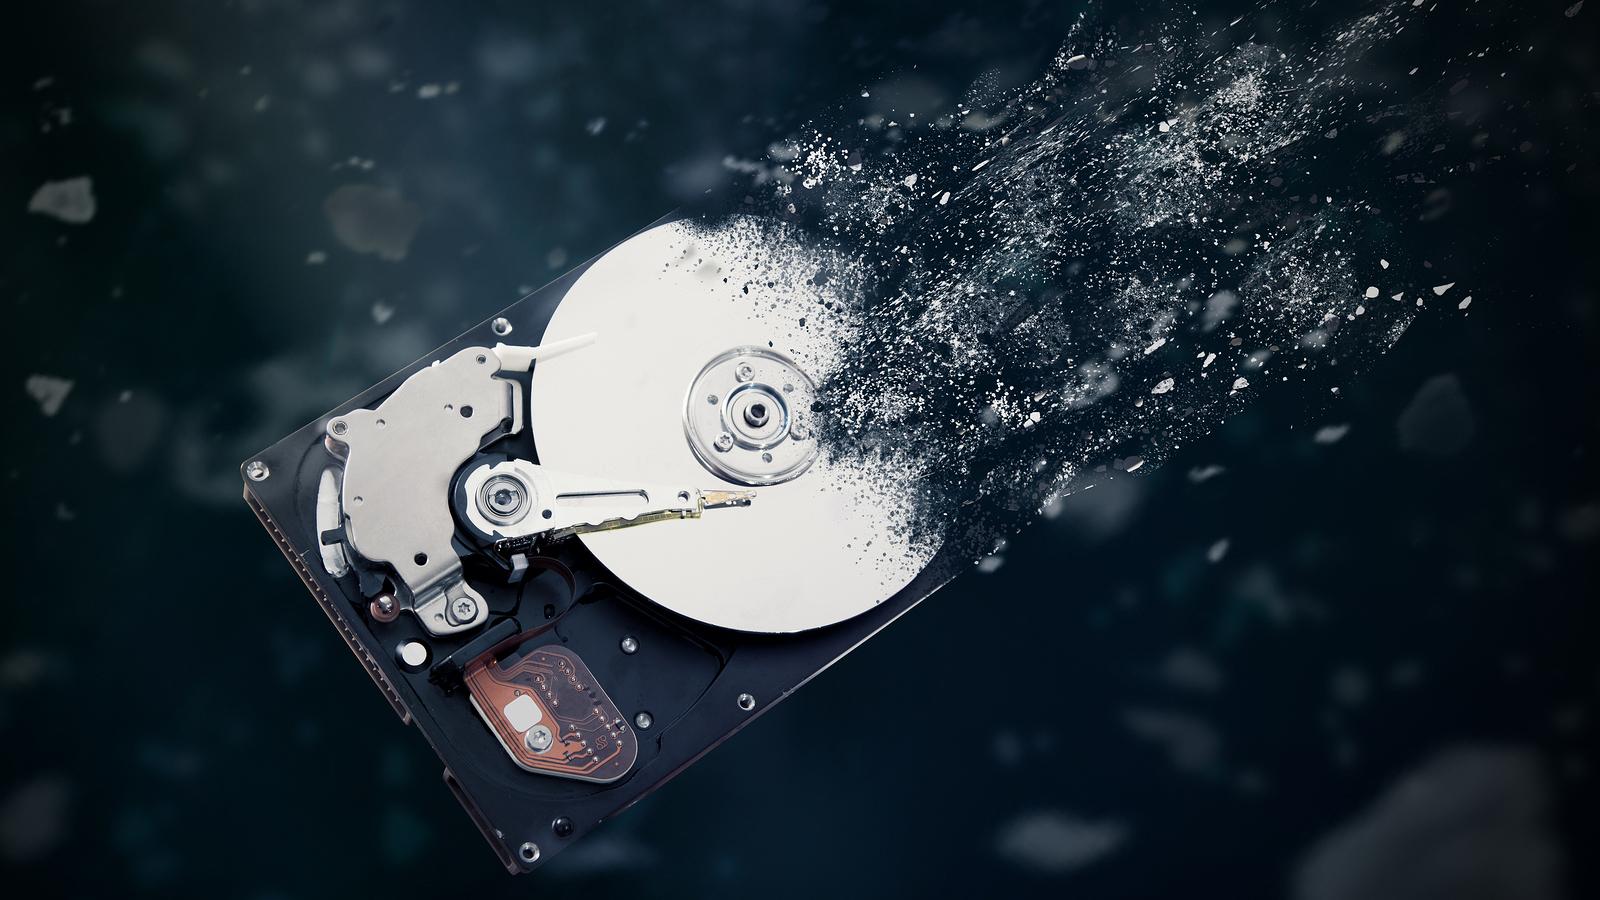 Migliori Hard Disk sotto 100 euro | Classifica Maggio 2021 | Guida all'Acquisto